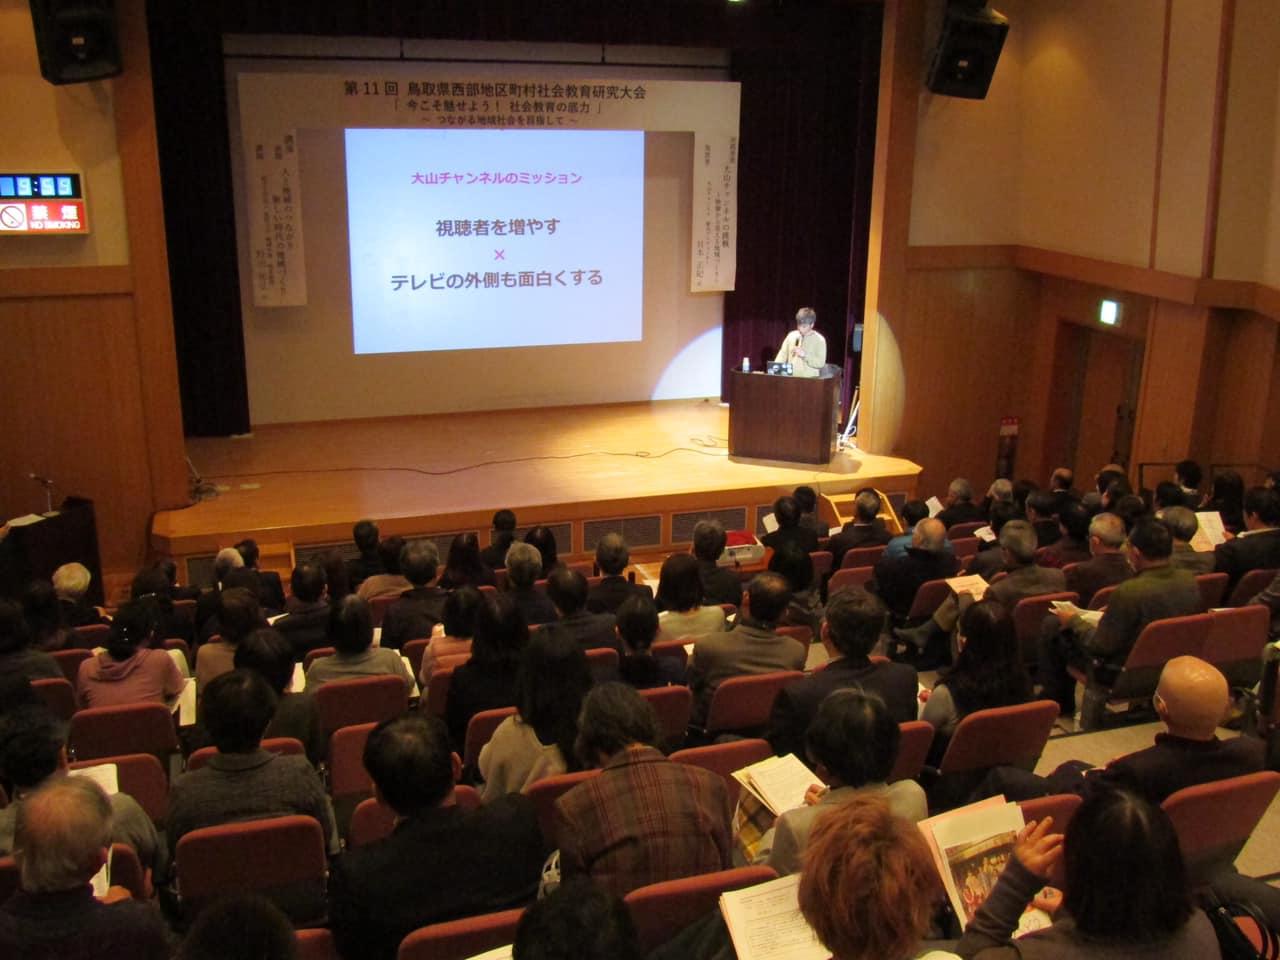 貝本さんの講演会